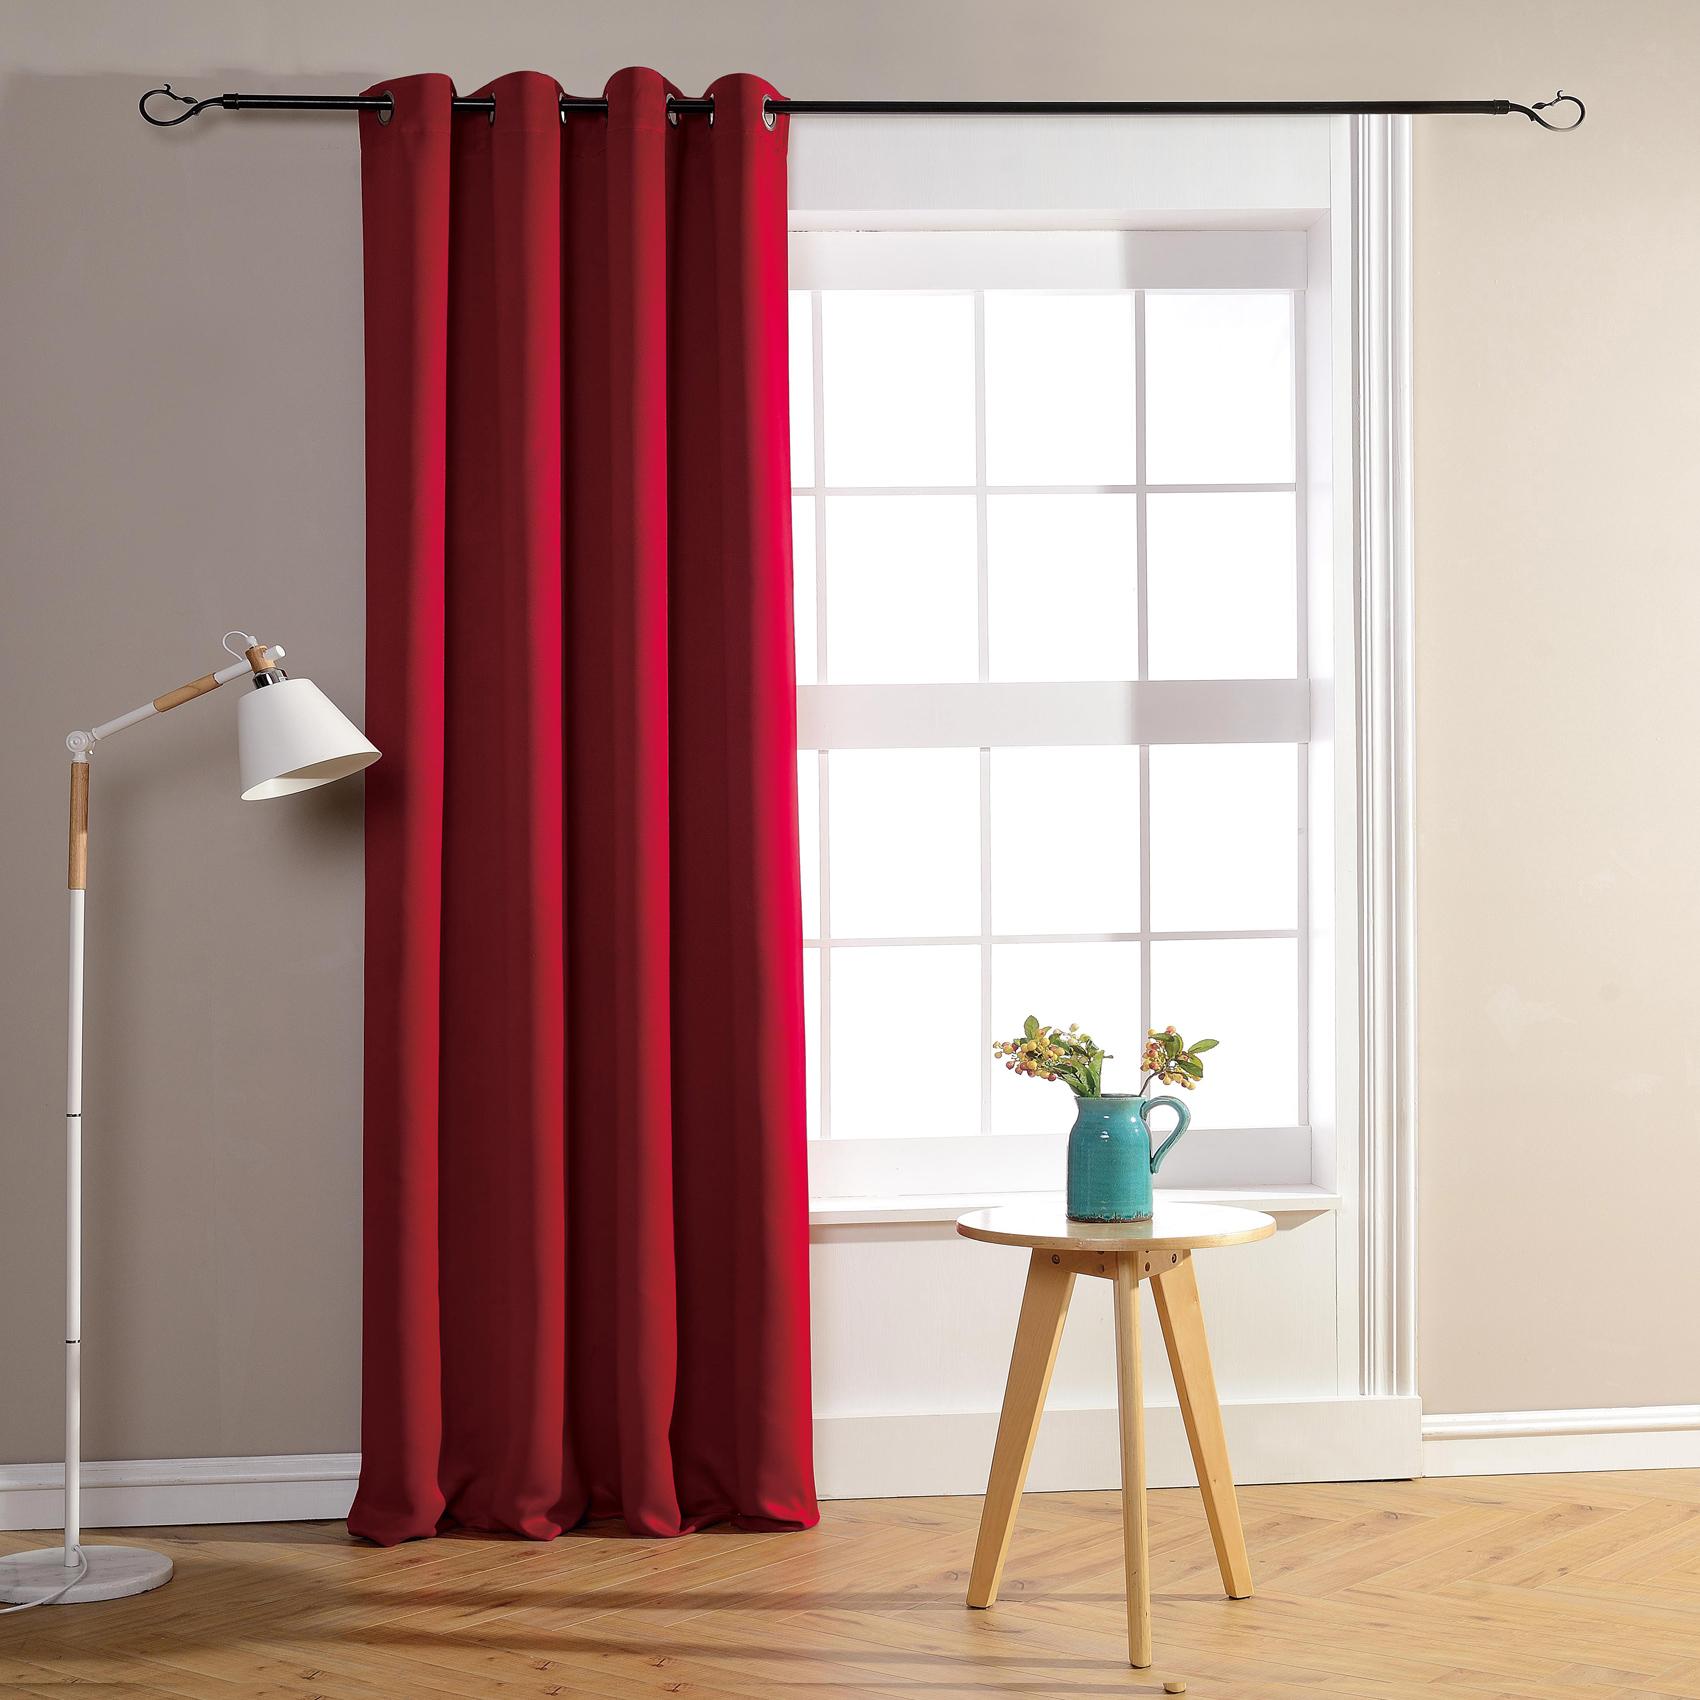 Rideau occultant pour chambre et salon occultant rouge 260x140